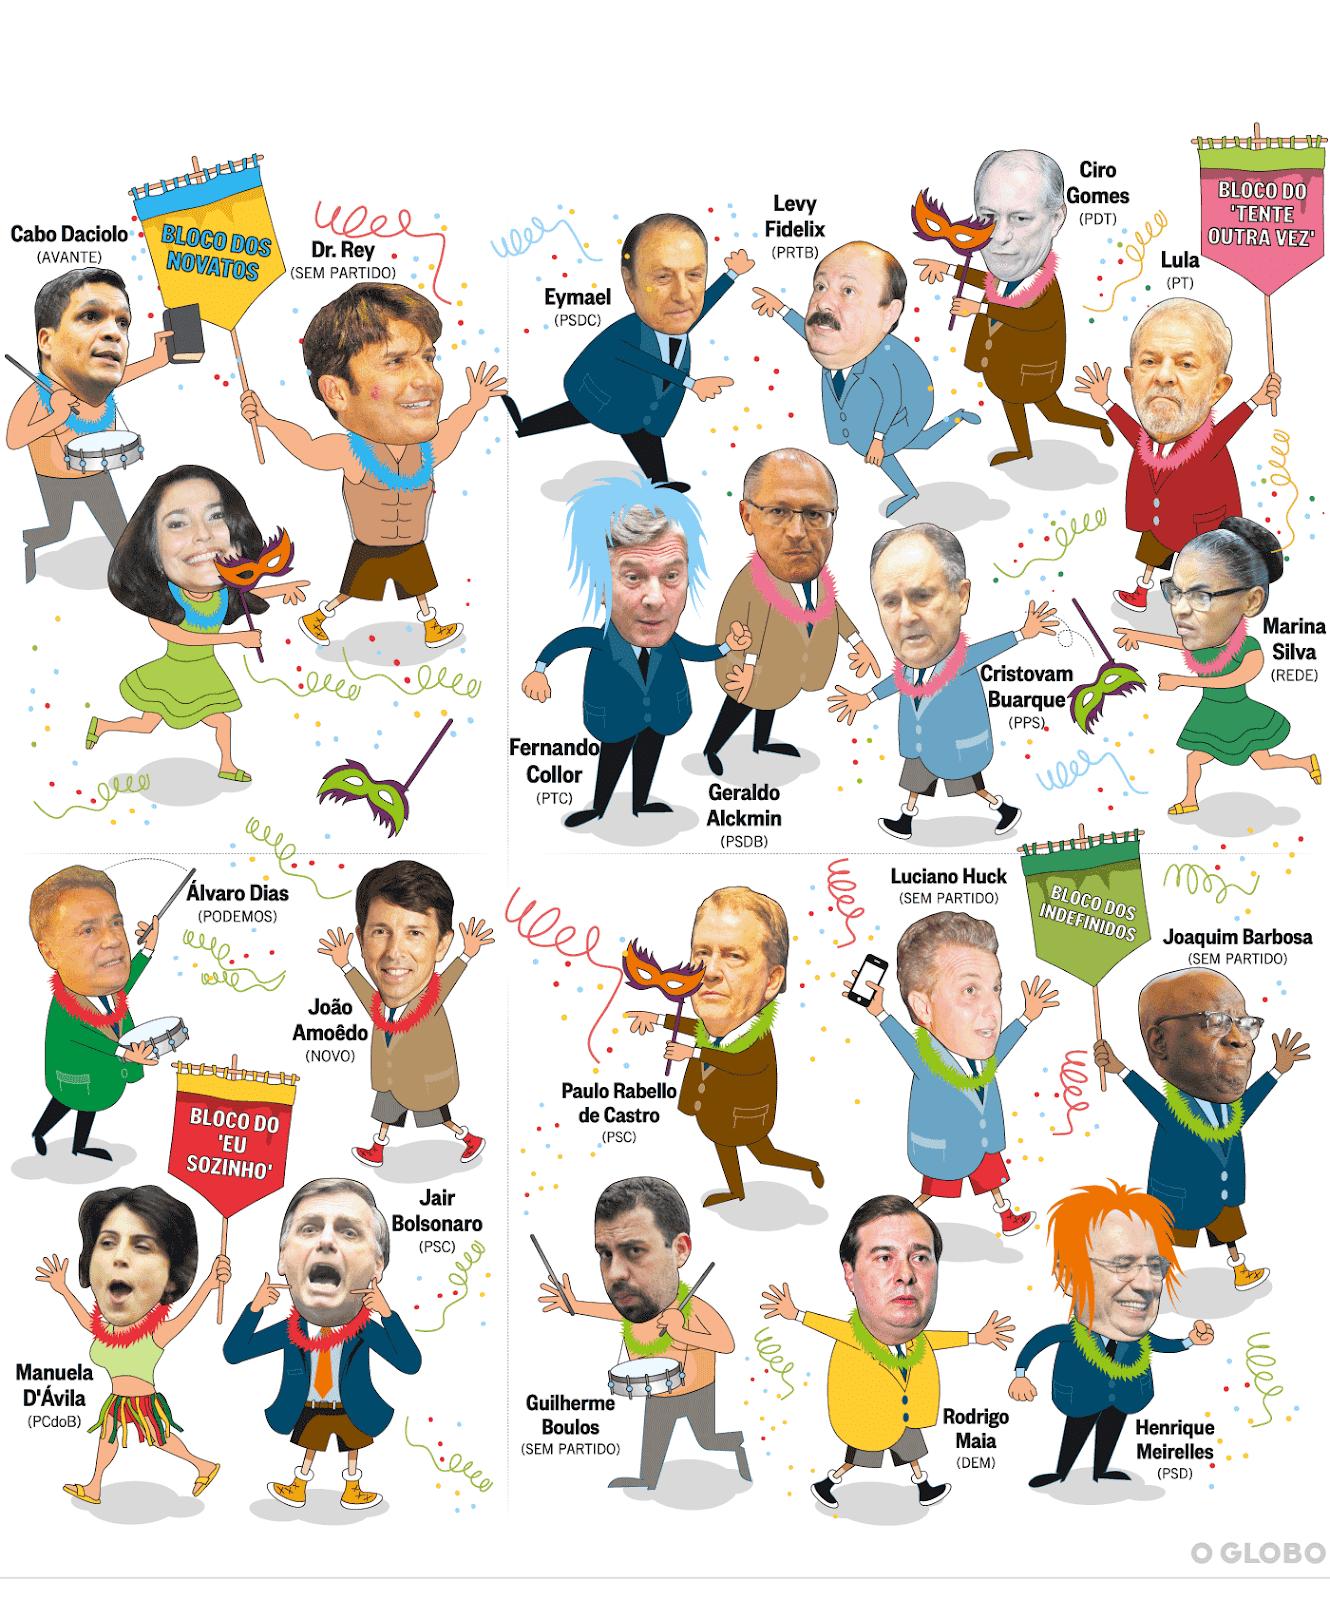 cc25fce0e A cinco meses das eleições presidenciais